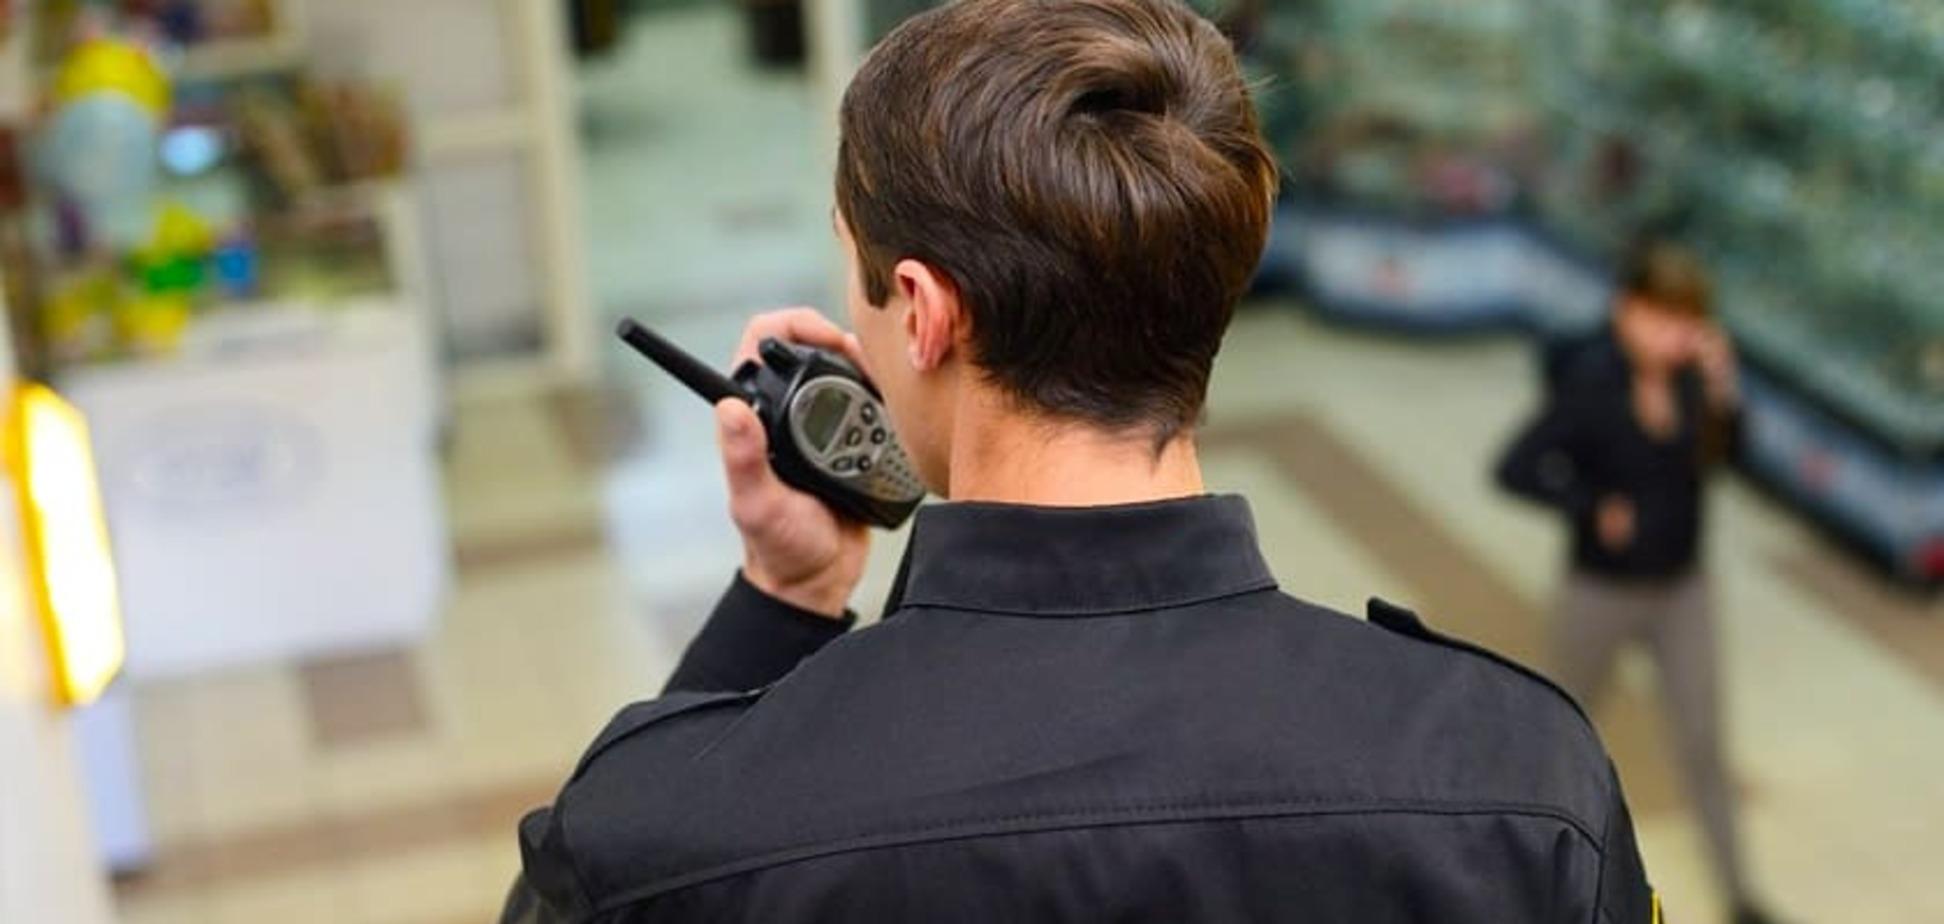 Чи мають право охоронці супермаркету застосовувати силу чи затримувати покупців